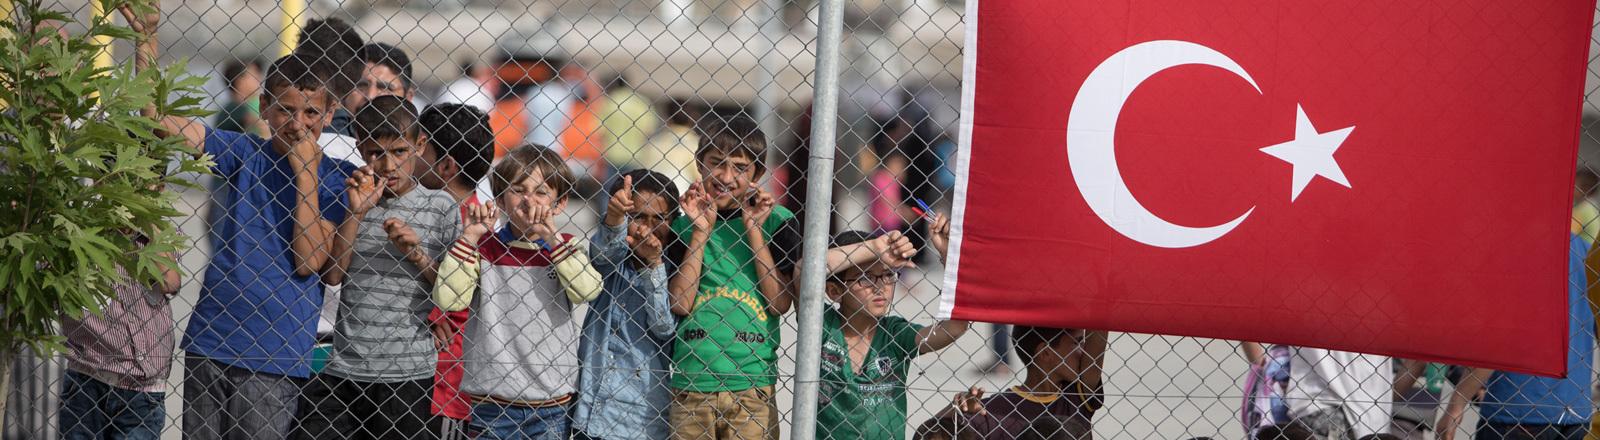 In einem Flüchtlingslager im türkischen Gaziantep stehen Kinder hinter einem Zaun. Am Zaun hängt die türkische Flagge. Kanzlerin Merkel besuchte am 23.04.2016 das Lager; Foto: dpa